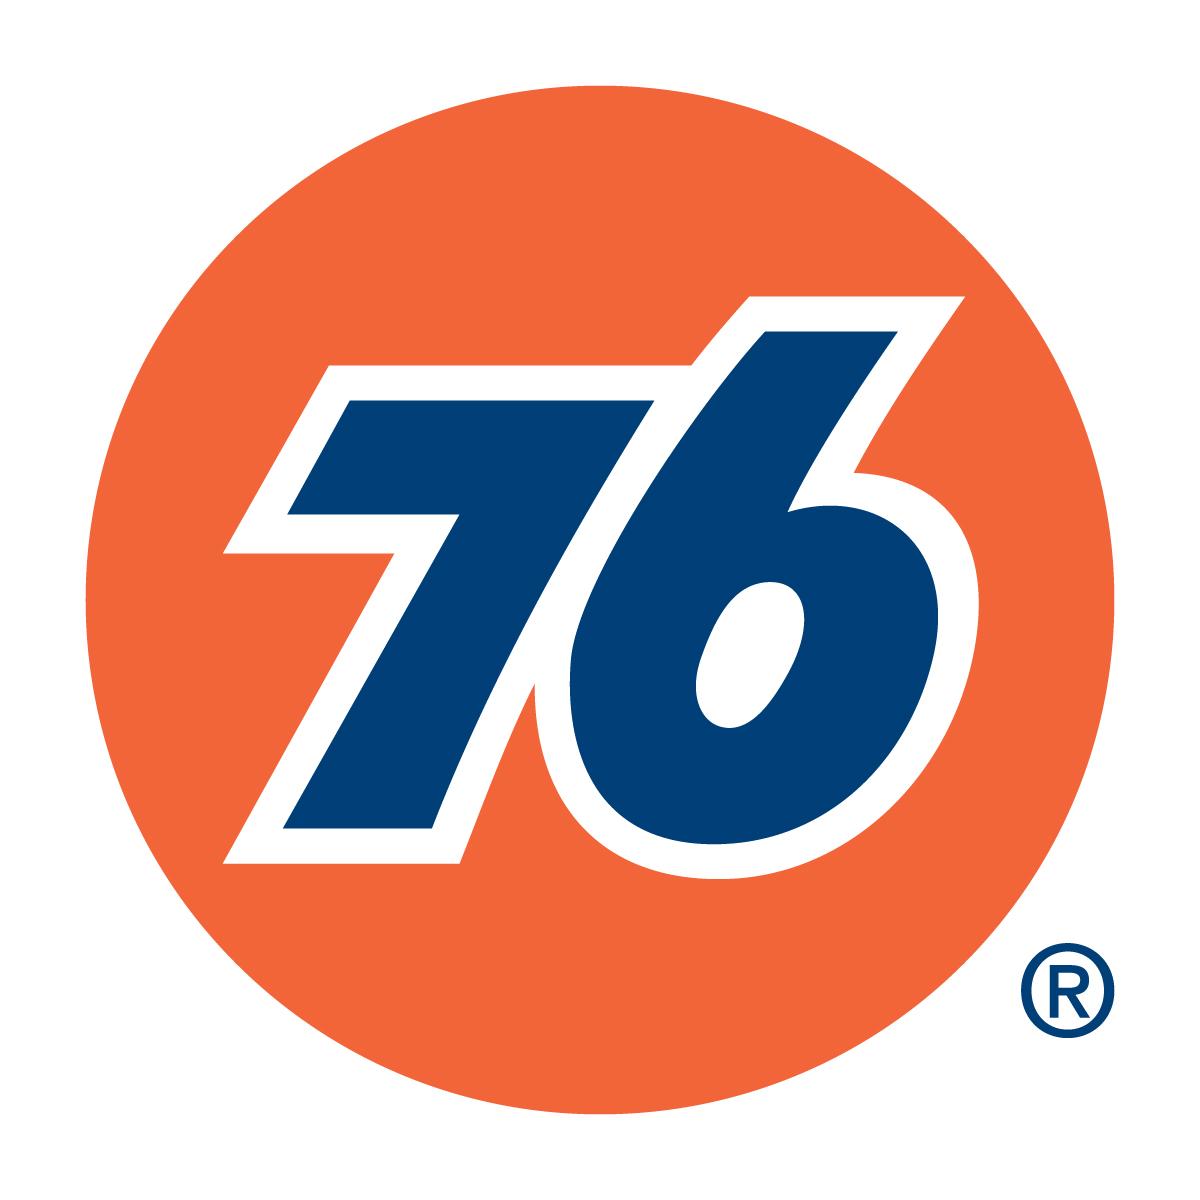 La Cumbre 76 logo